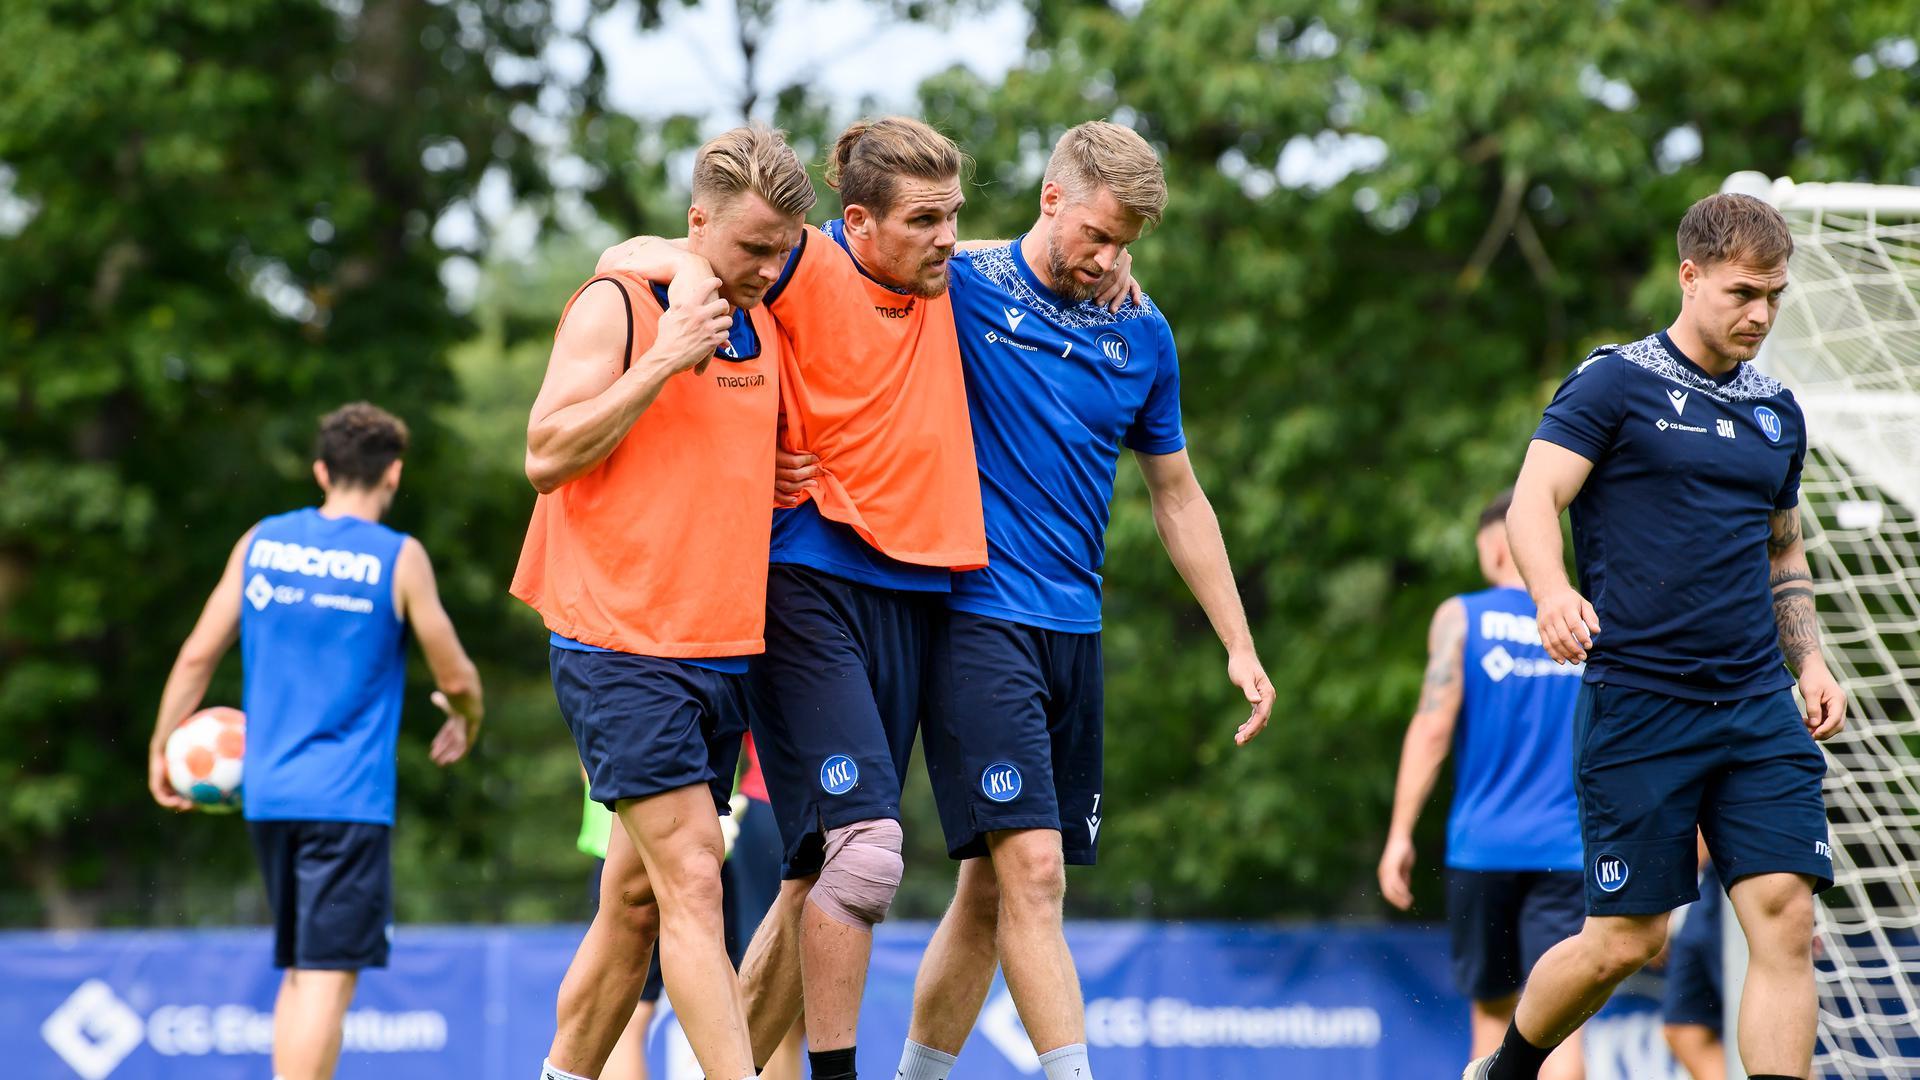 Kurz vor Ende der Trainingseinheit verletzte sich Sebastian Jung (KSC) am rechten Knie und musste von Marco Thiede (KSC) und Marc Lorenz (KSC) gestuetzt den Platz verlassen. Rechts: Physiotherapeut Johannes Haberlandt (KSC).  GES/ Fussball/ 2. Bundesliga: Karlsruher SC - Training, 14.09.2021  Football/Soccer: 2. Bundesliga: KSC Training, Karlsruhe, September 14, 2021